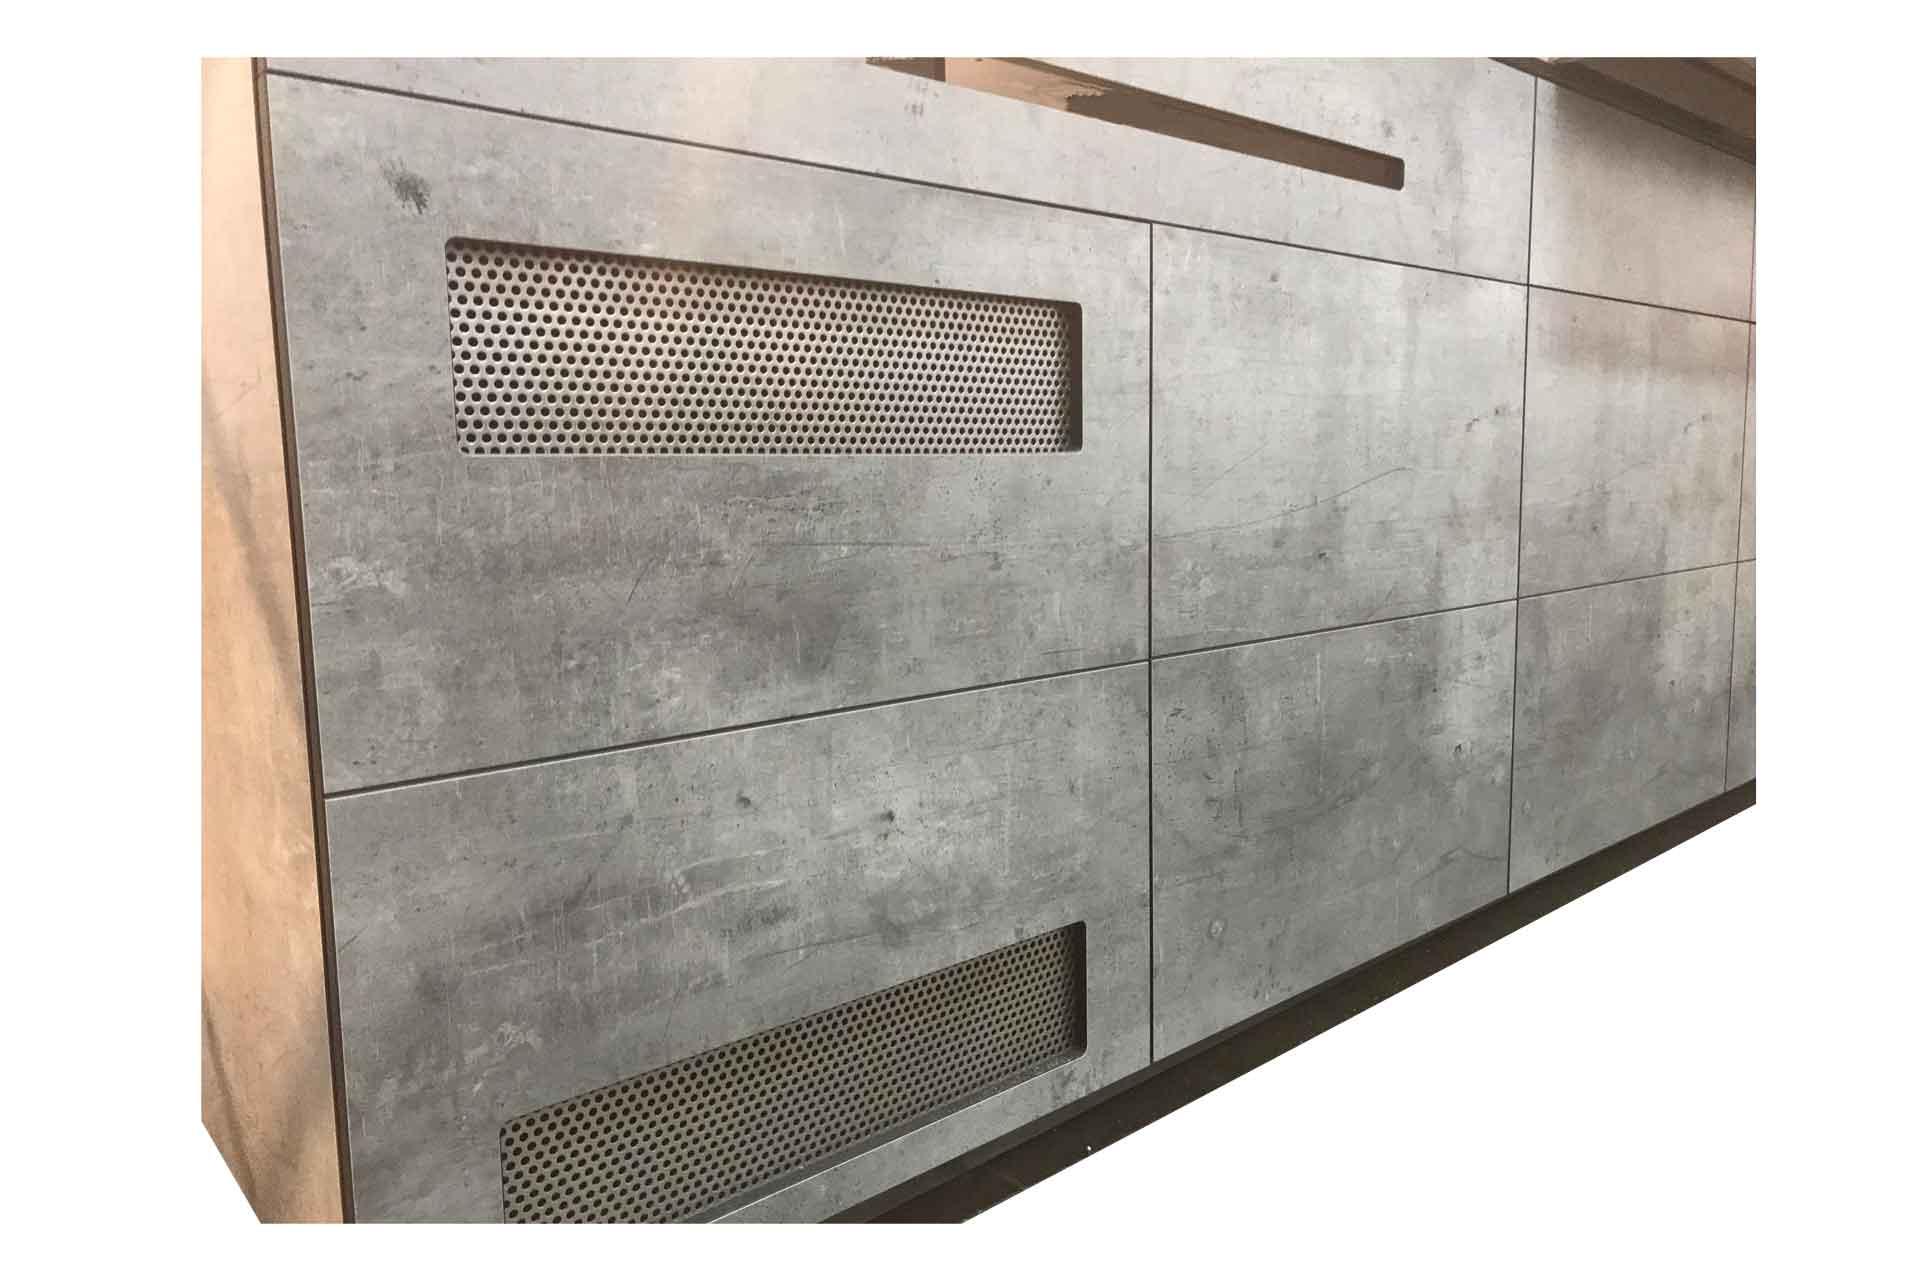 Outdoorküche Tür Günstig : Einbautüren outdoor küche outdoorküche mit fire magic grill